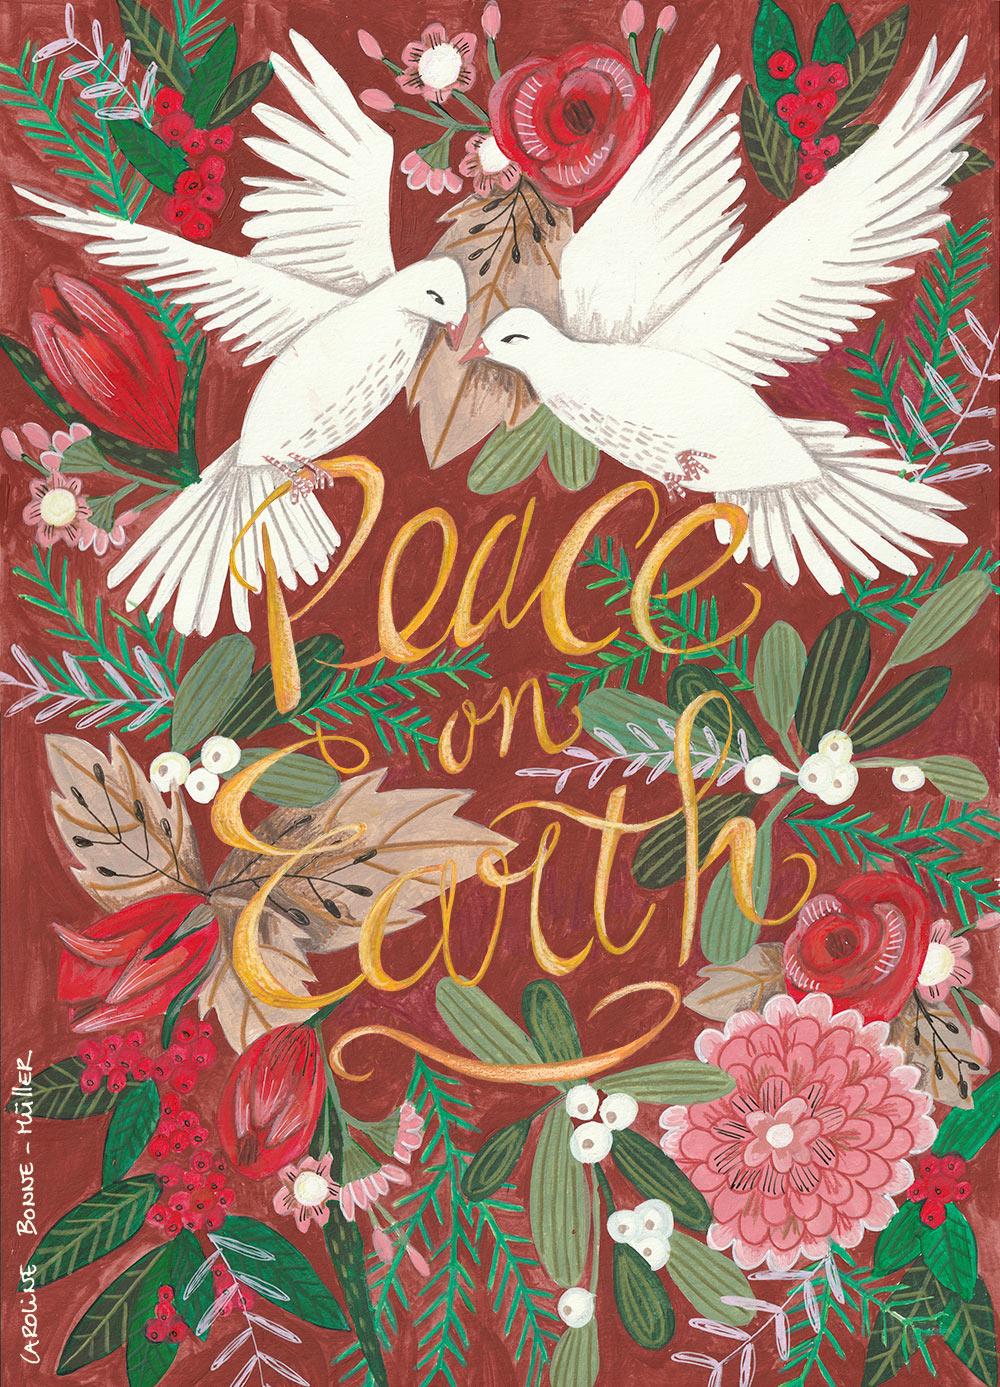 Peace on Earth_Caroline Bonne Muller.jpg